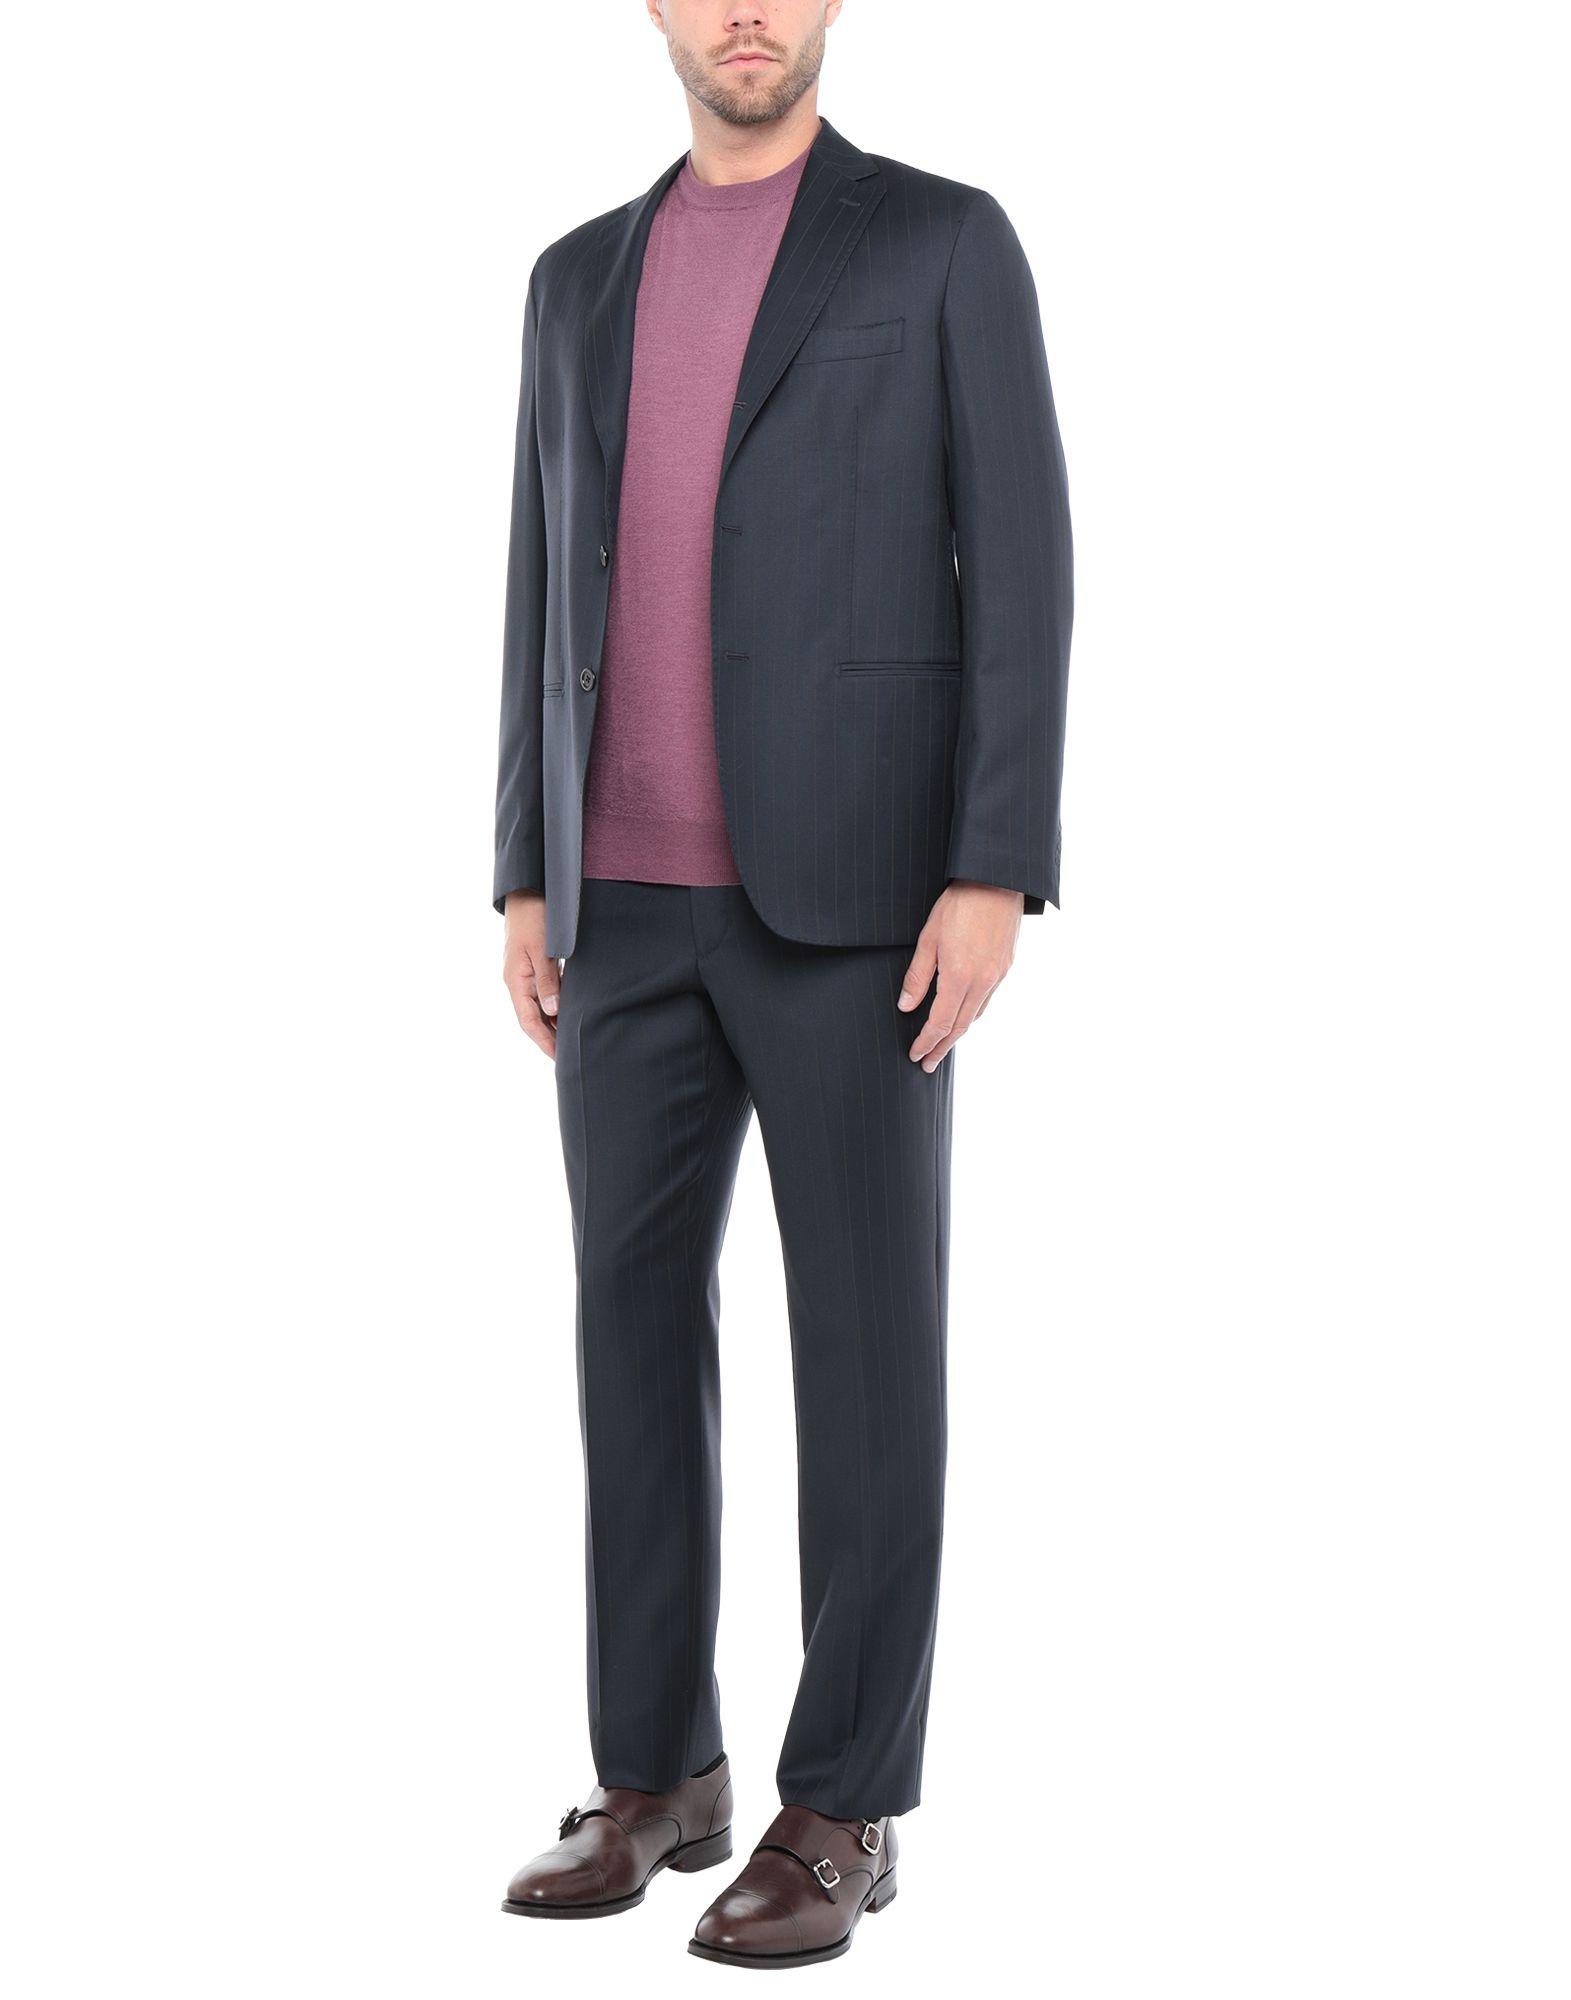 《送料無料》BAGNOLI Sartoria Napoli メンズ スーツ ダークブルー 50 ウール 100%